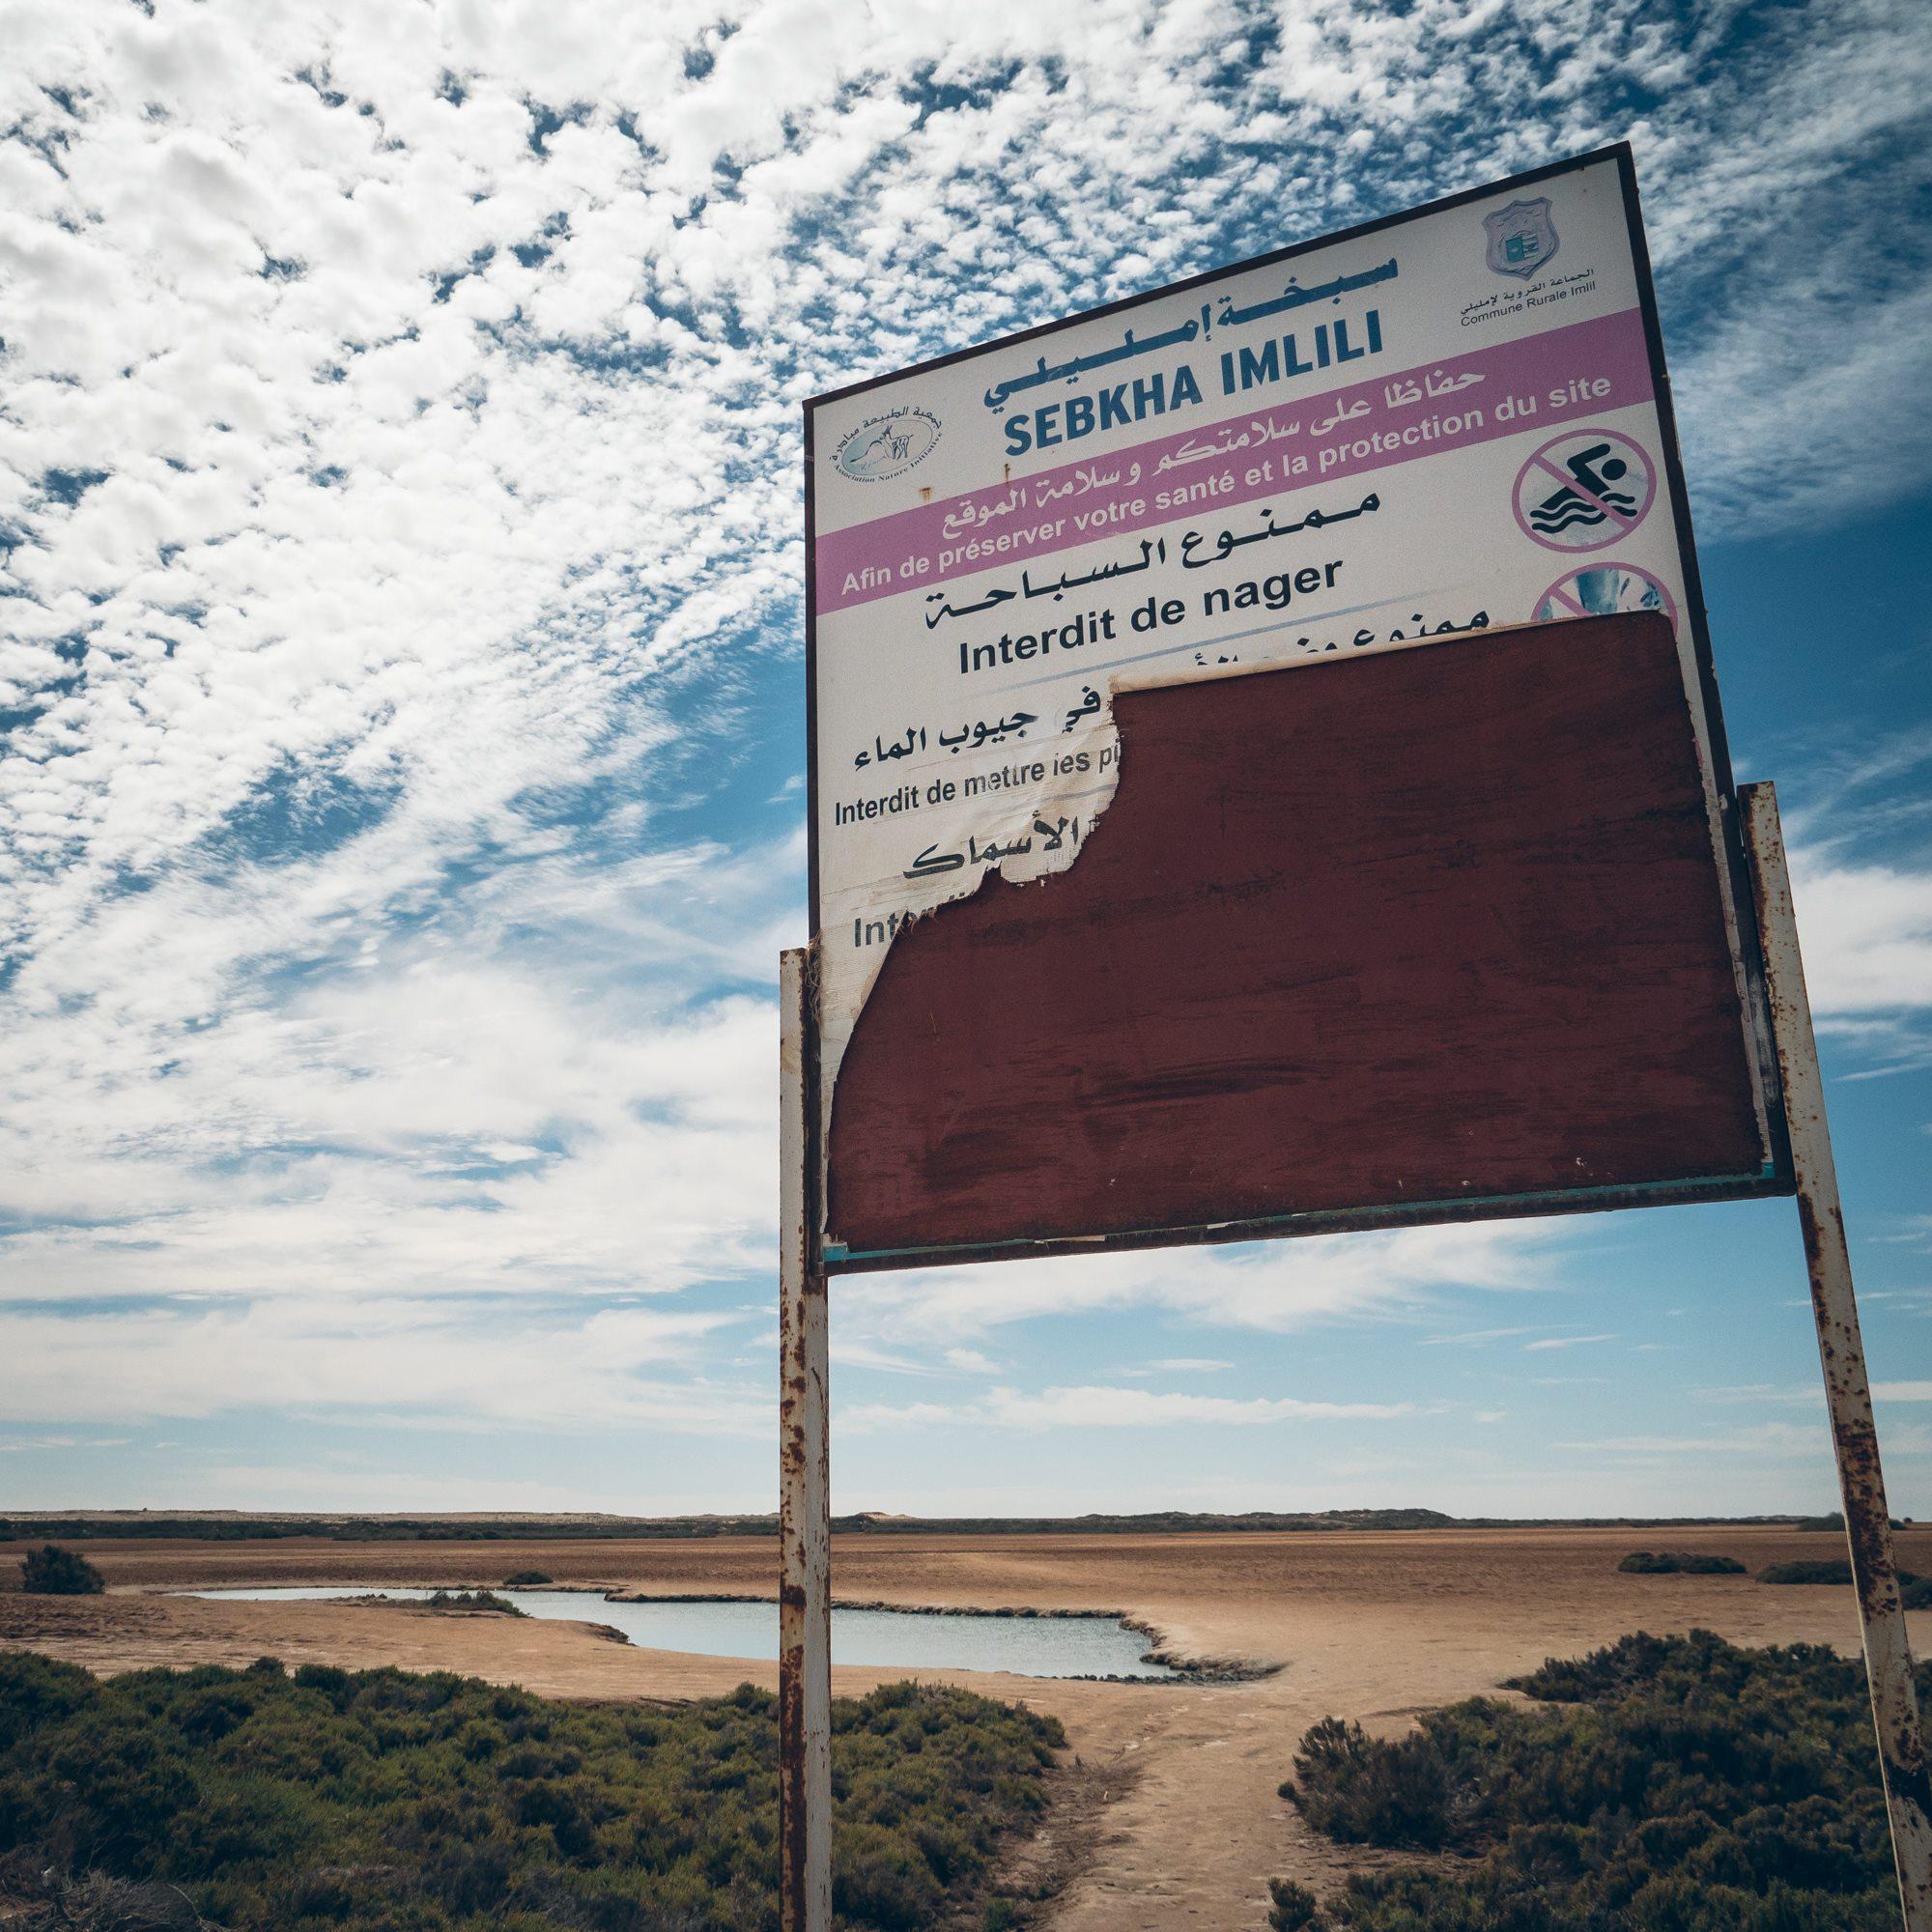 Imlili un endroit magique en plein désert